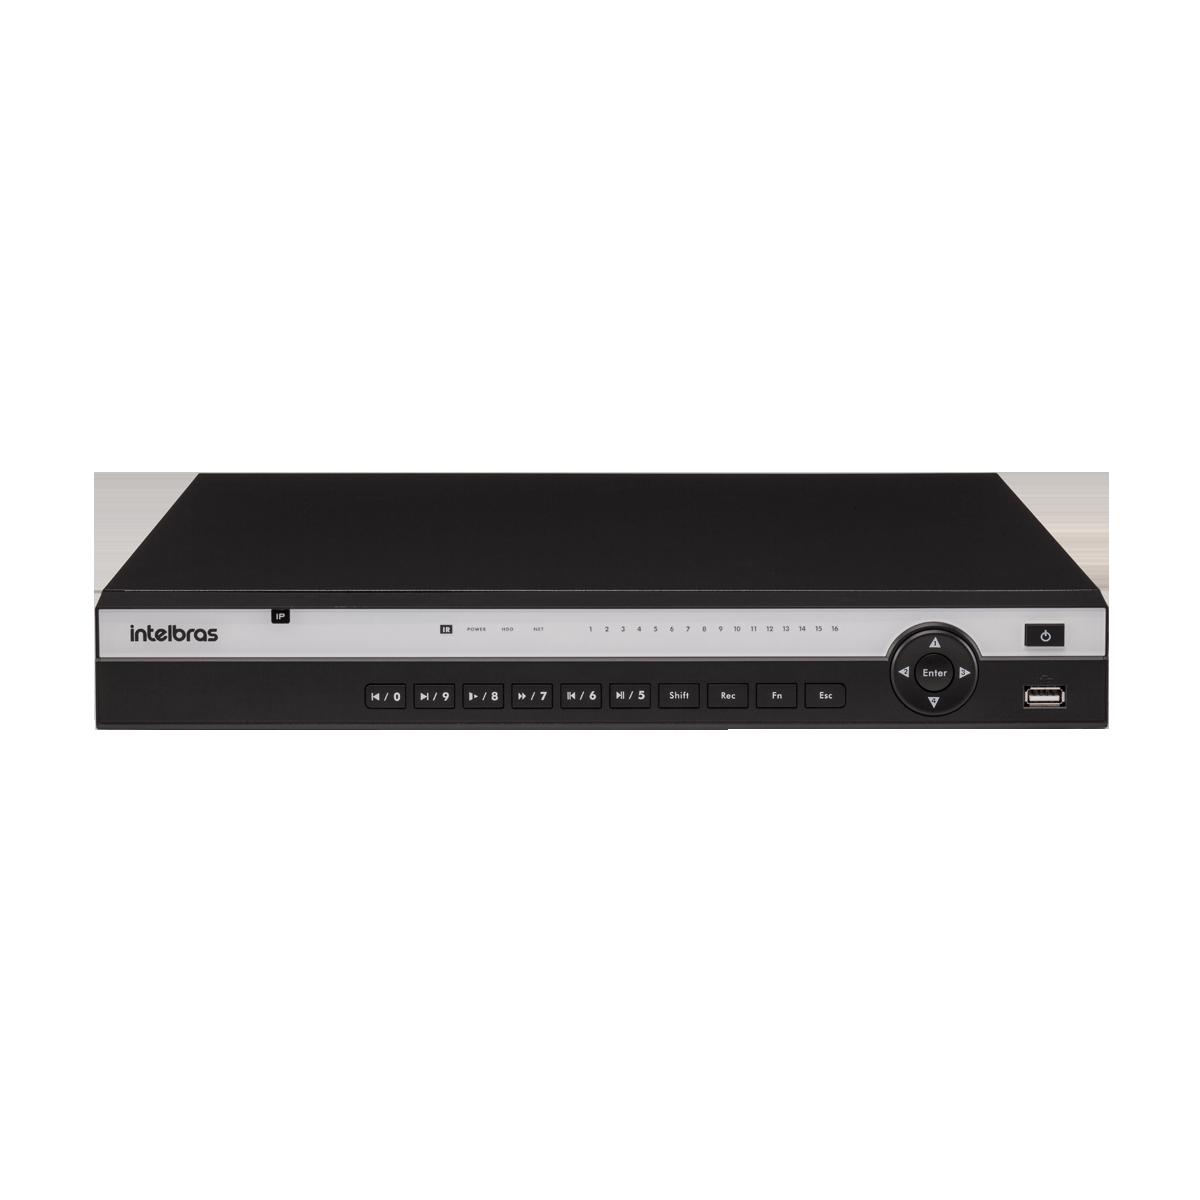 NVD 3208 P C/ HD 3TB - GRAV. DIG. DE VÍDEO EM REDE PARA ATÉ 8 CANAIS IP EM FULL HD @ 30 FPS, 4K, H.265, POSSUI 8 PORTAS POE e CAPACIDADE DE ARMAZENAMENTO PARA 1 HD - PRODUÇÃO CUSTOMIZADA COM ENTREGA E  - Sandercomp Virtual